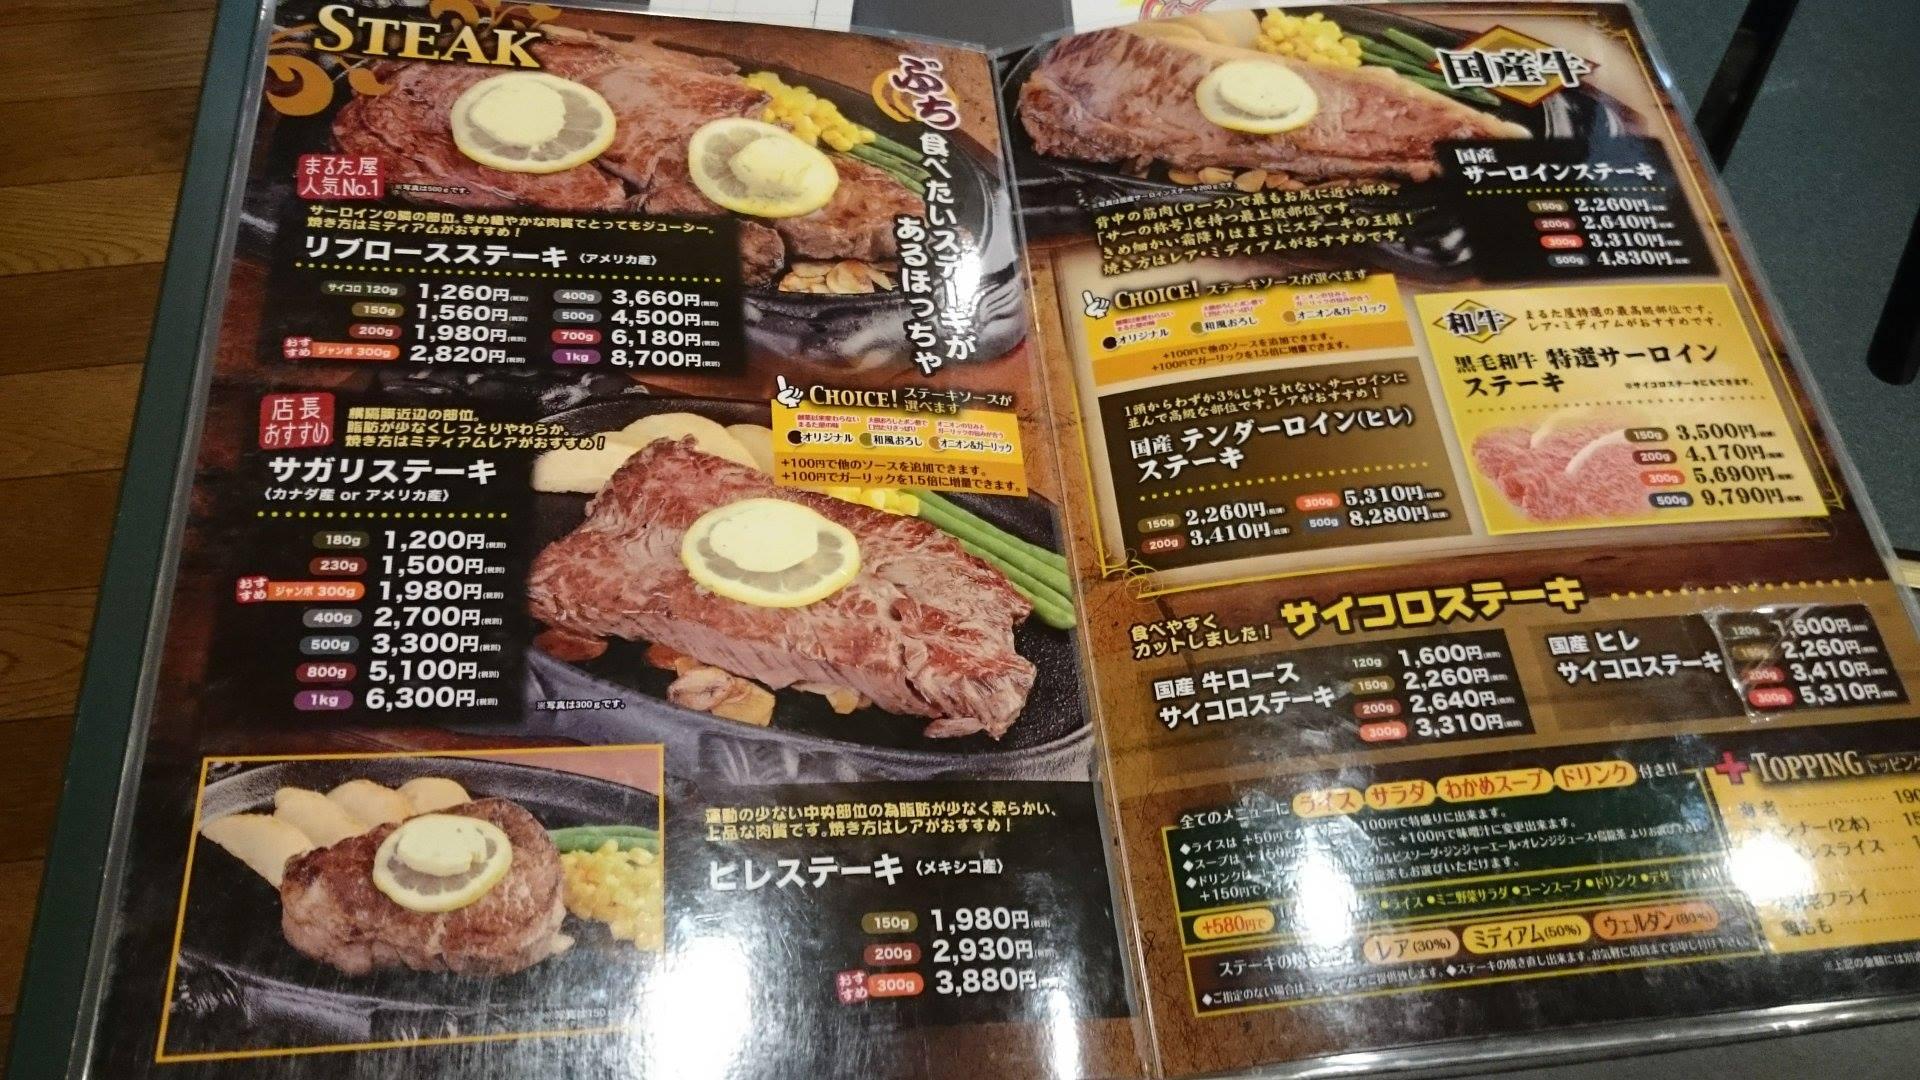 ようやくご対肉?ですやん!_f0056935_15342.jpg